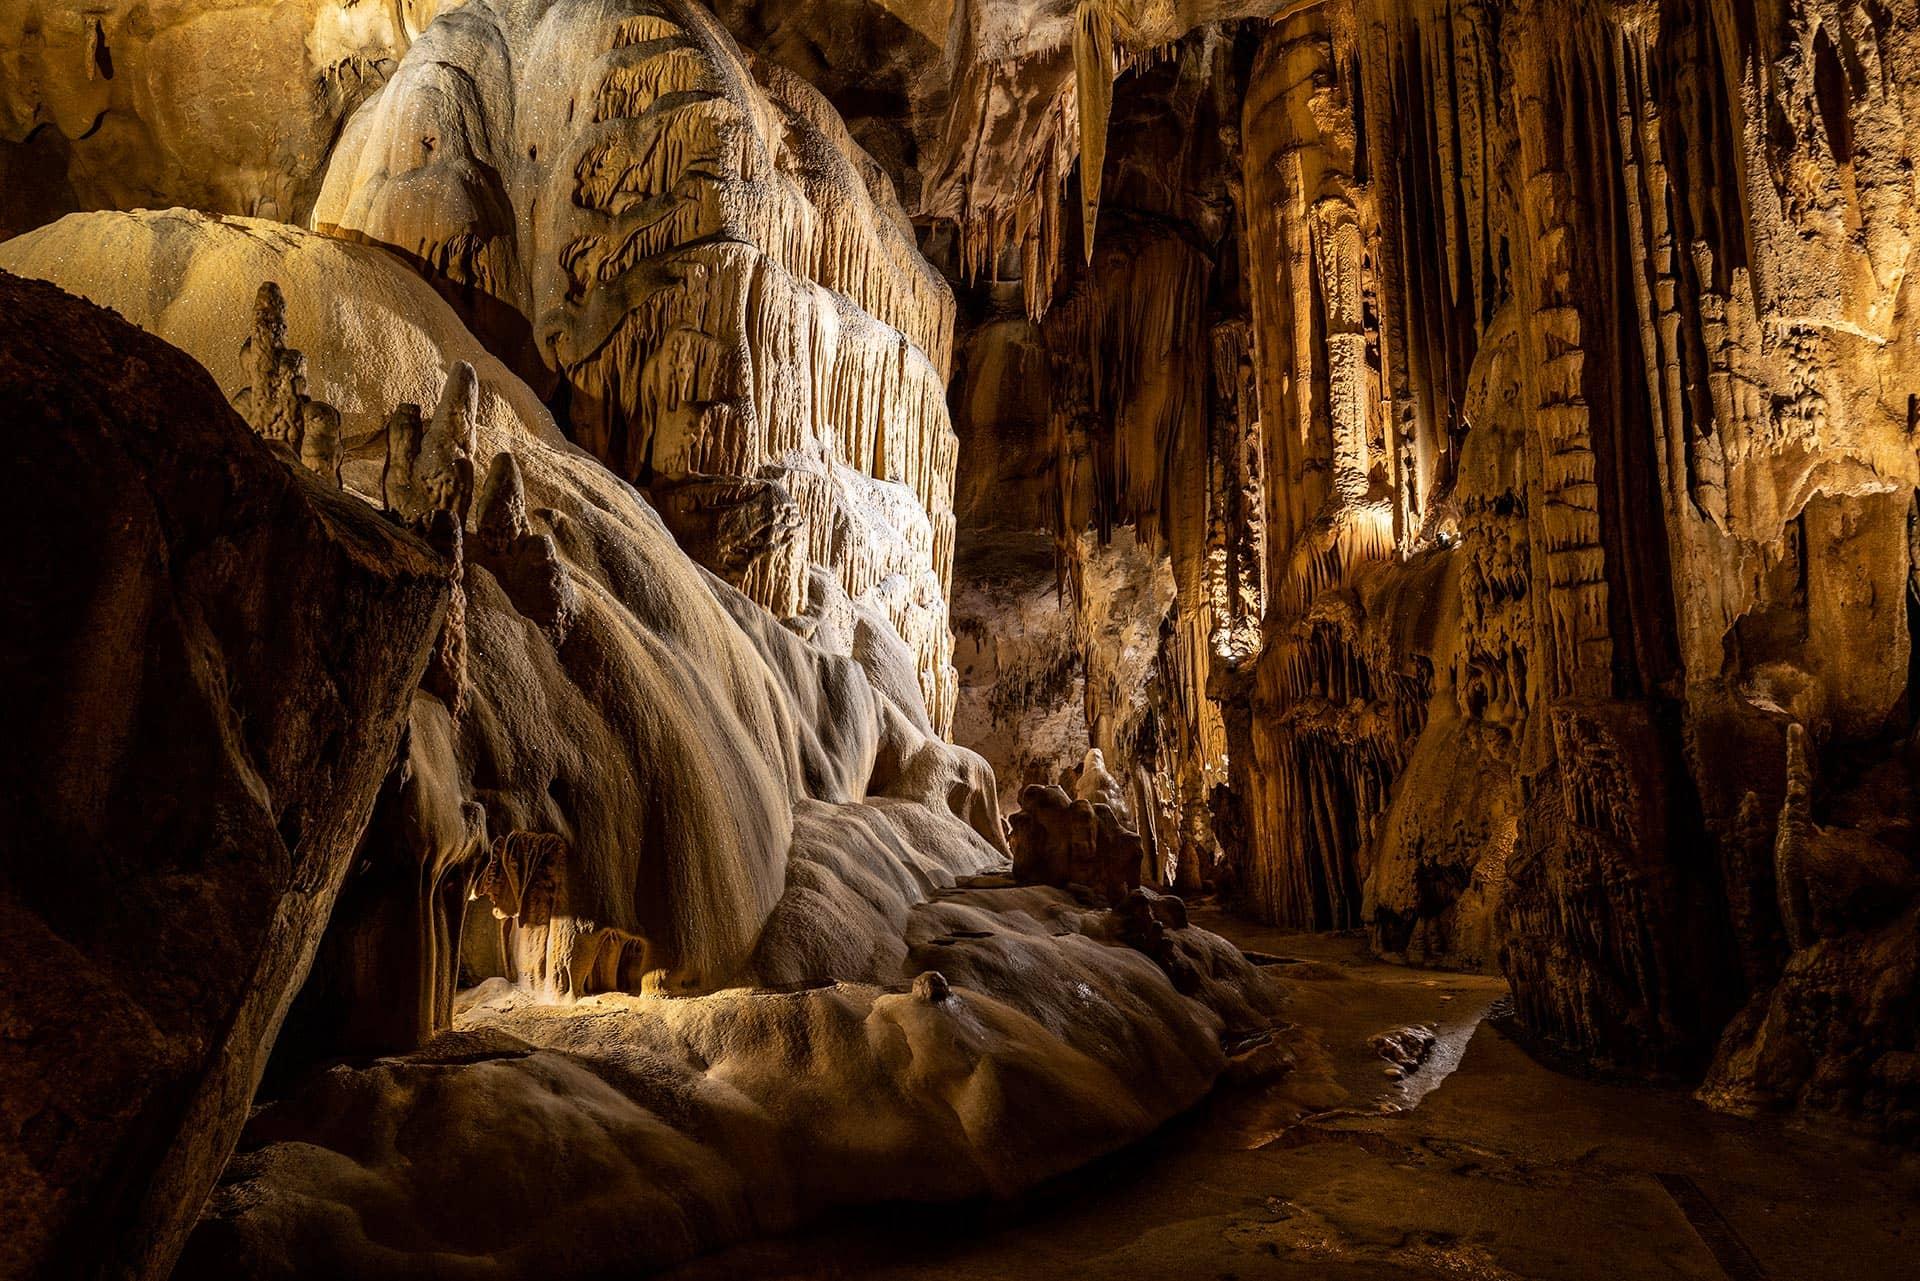 Grottes et caves souterraines illuminées